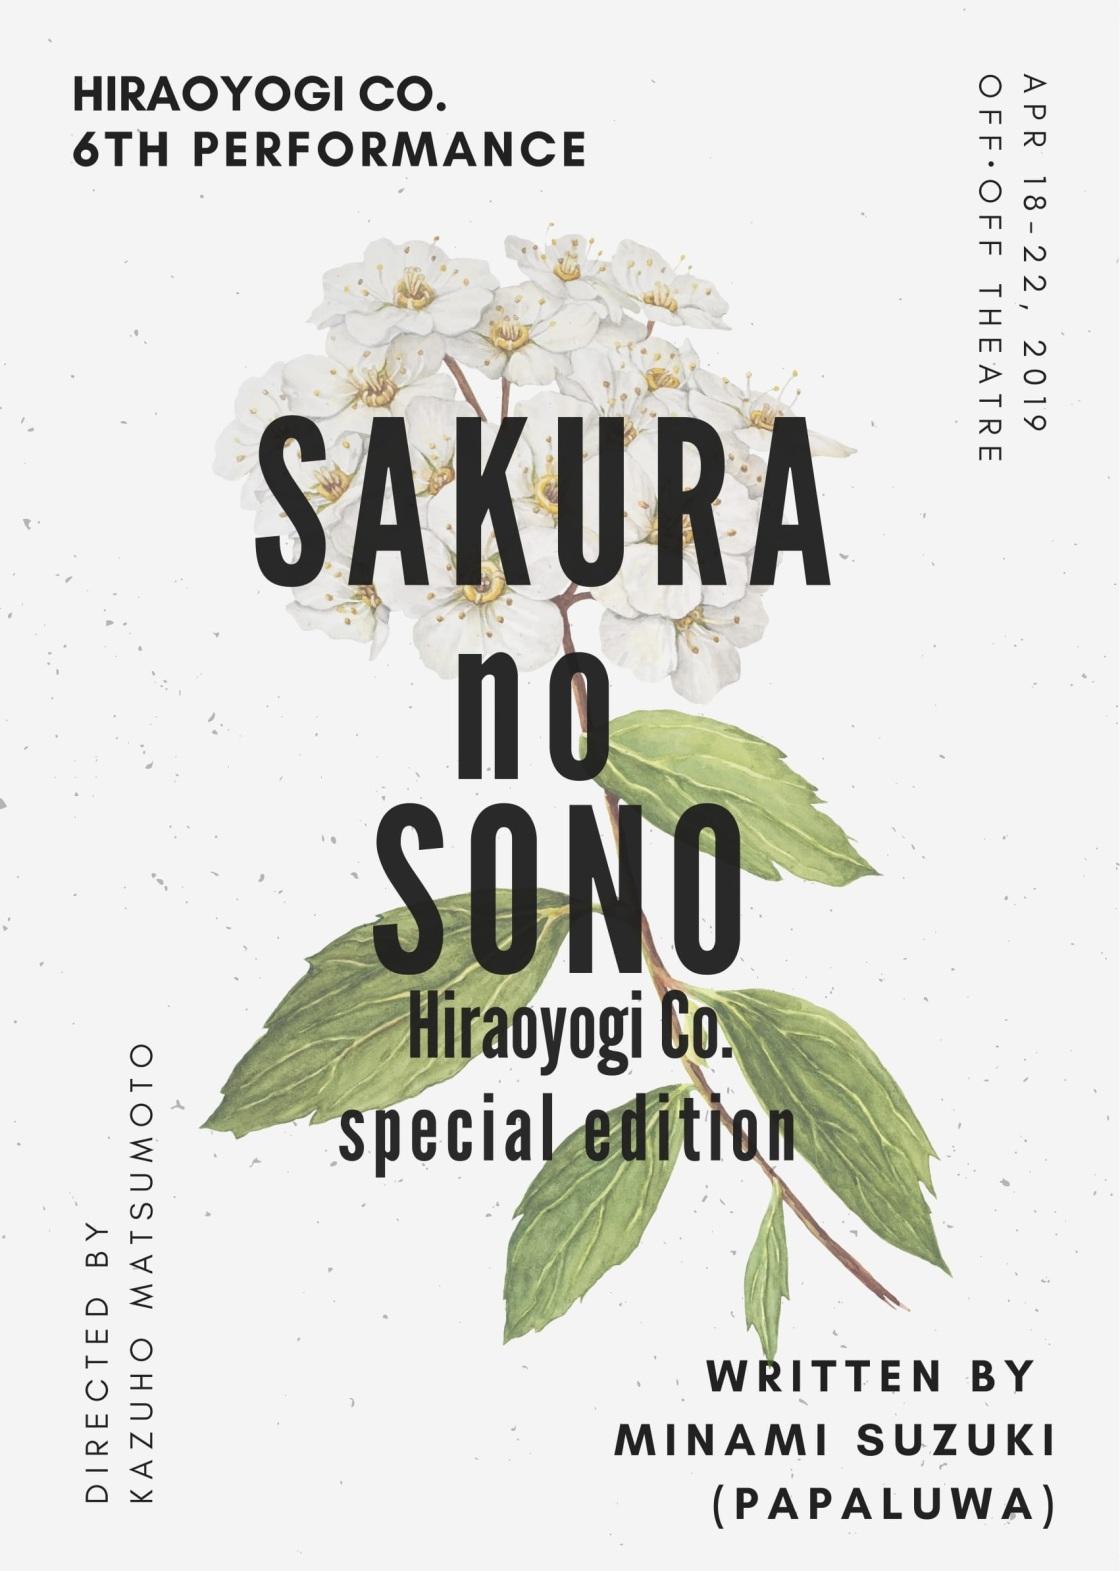 SAKURA no SONO_flyerA4_omoteol-trimned